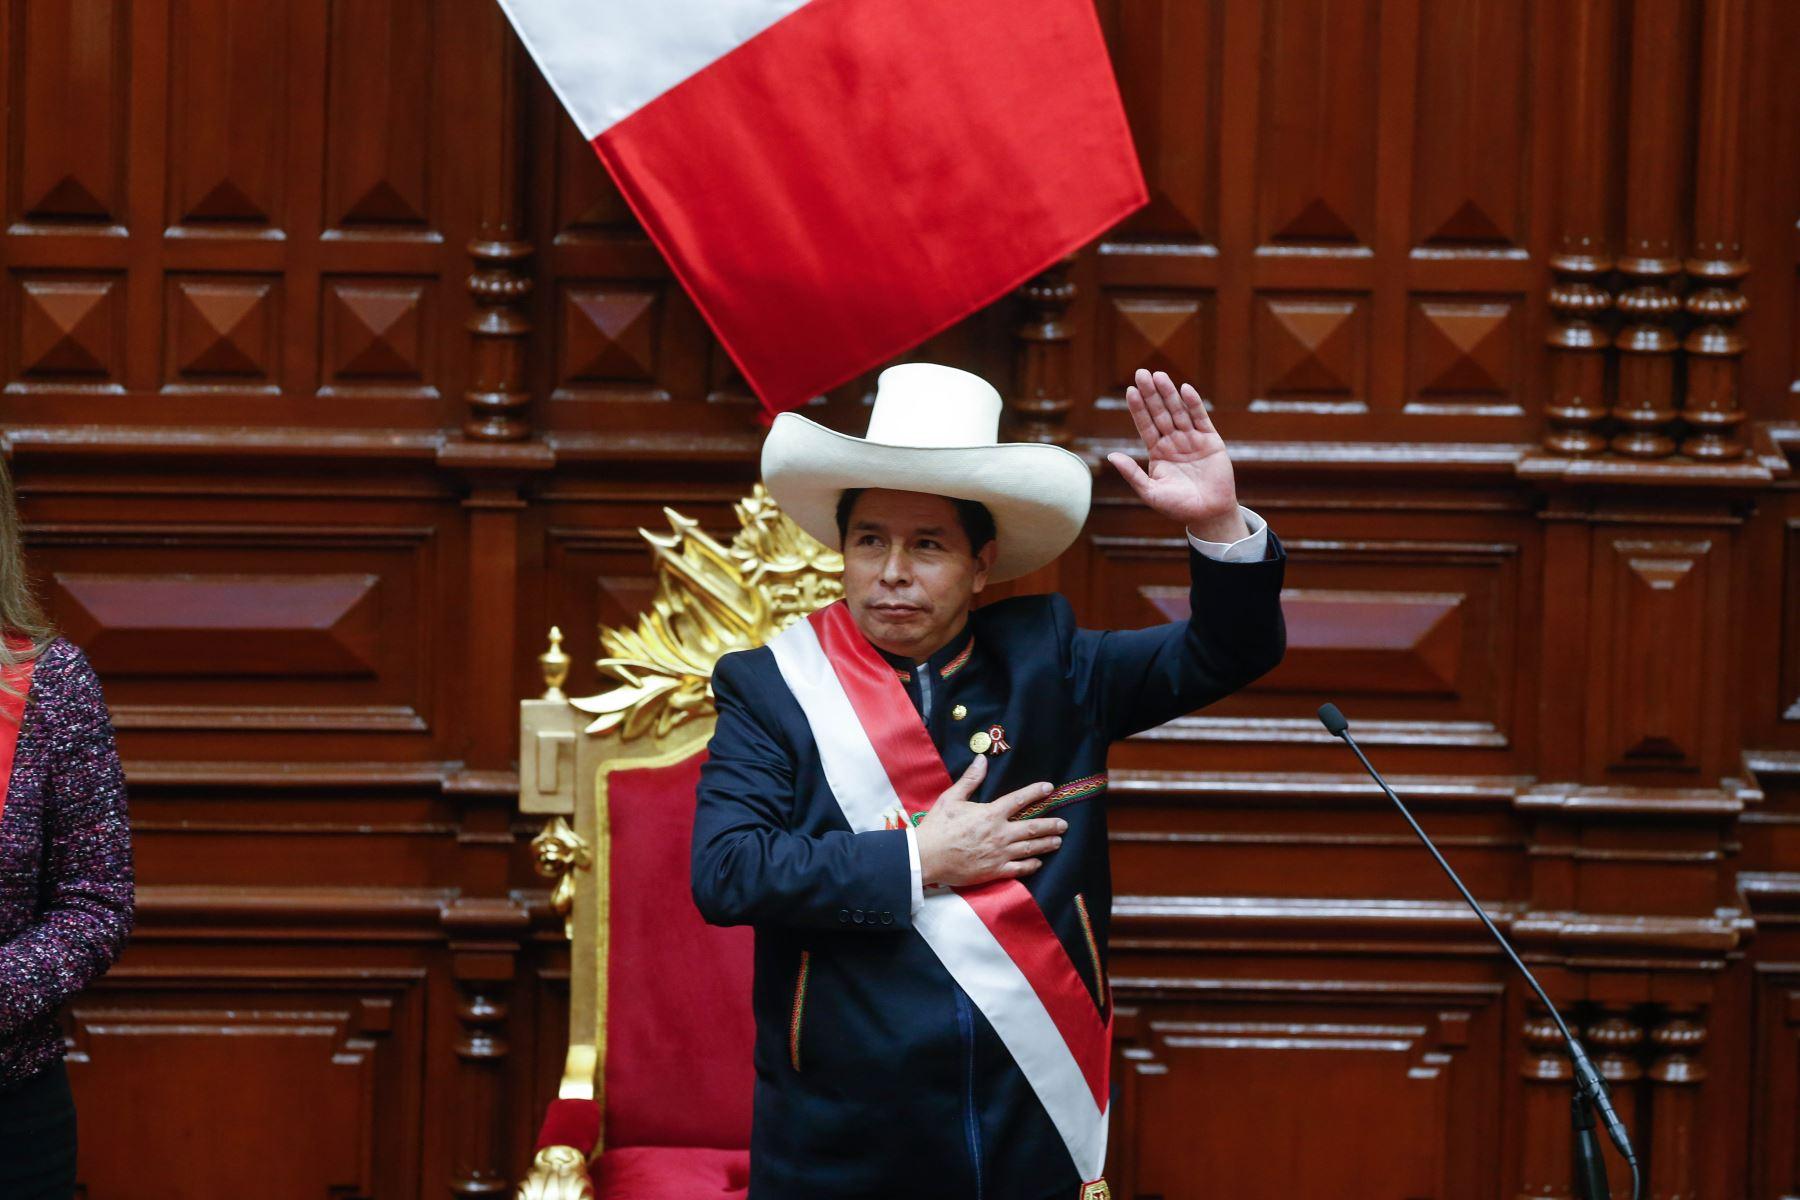 Ceremonia de Toma del Mando Supremo del Presidente de la  República Pedro Castillo Terrones. Foto: ANDINA/ Prensa Presidencia